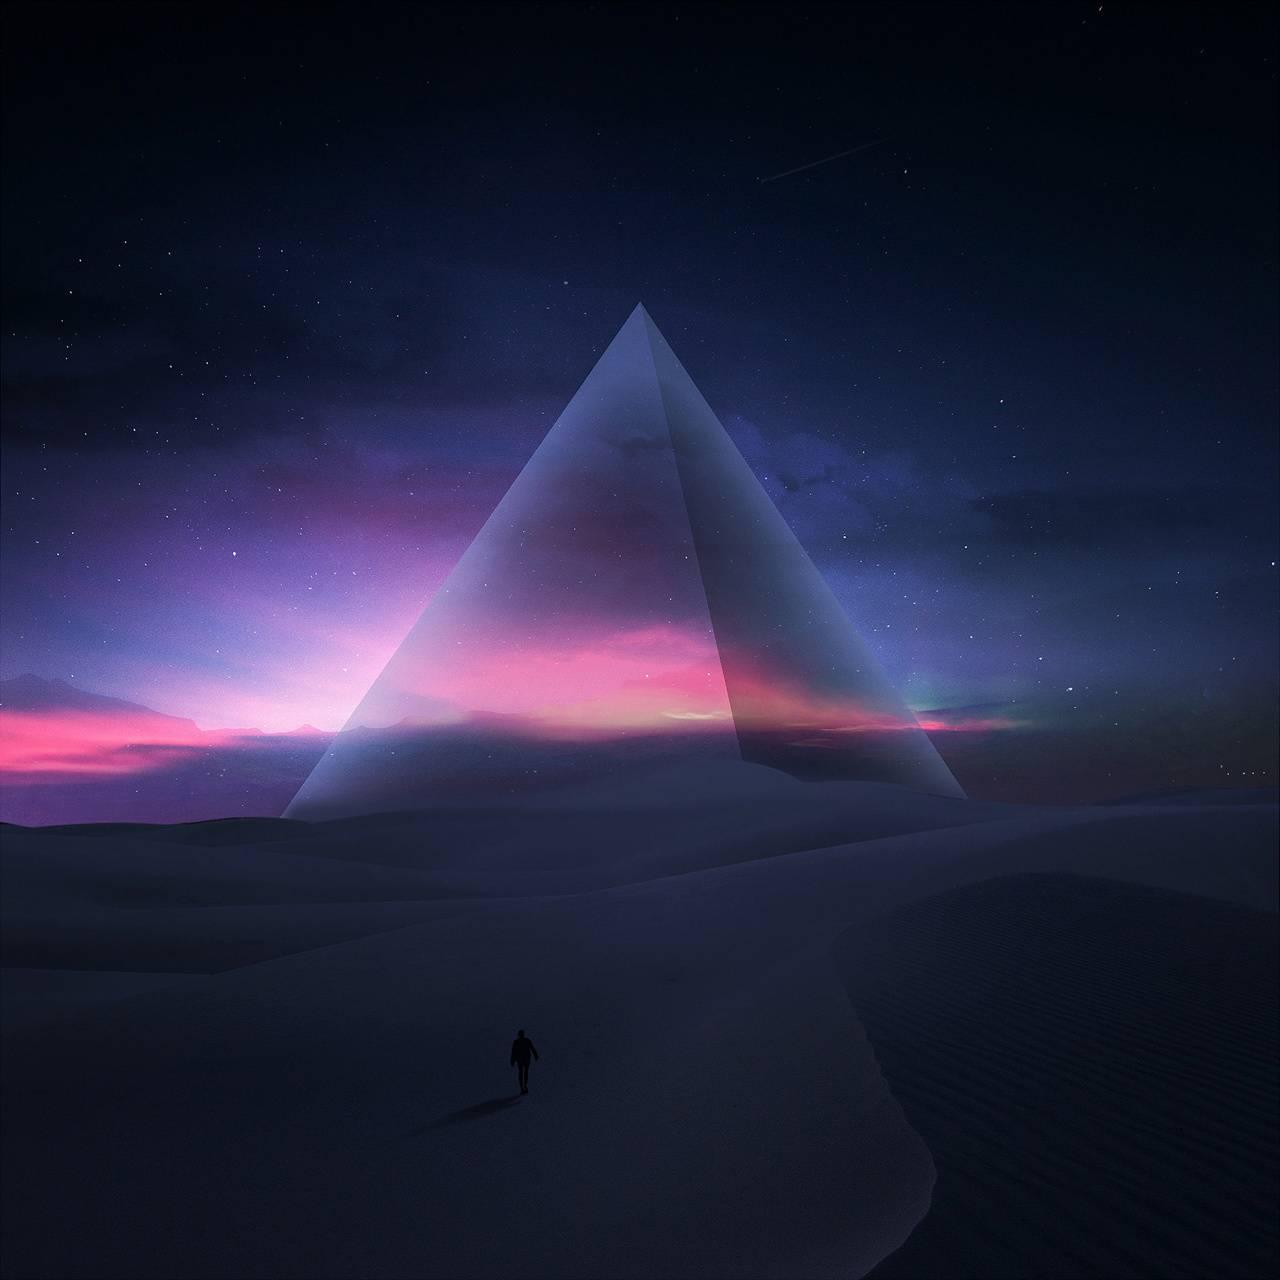 Pyramid Glow